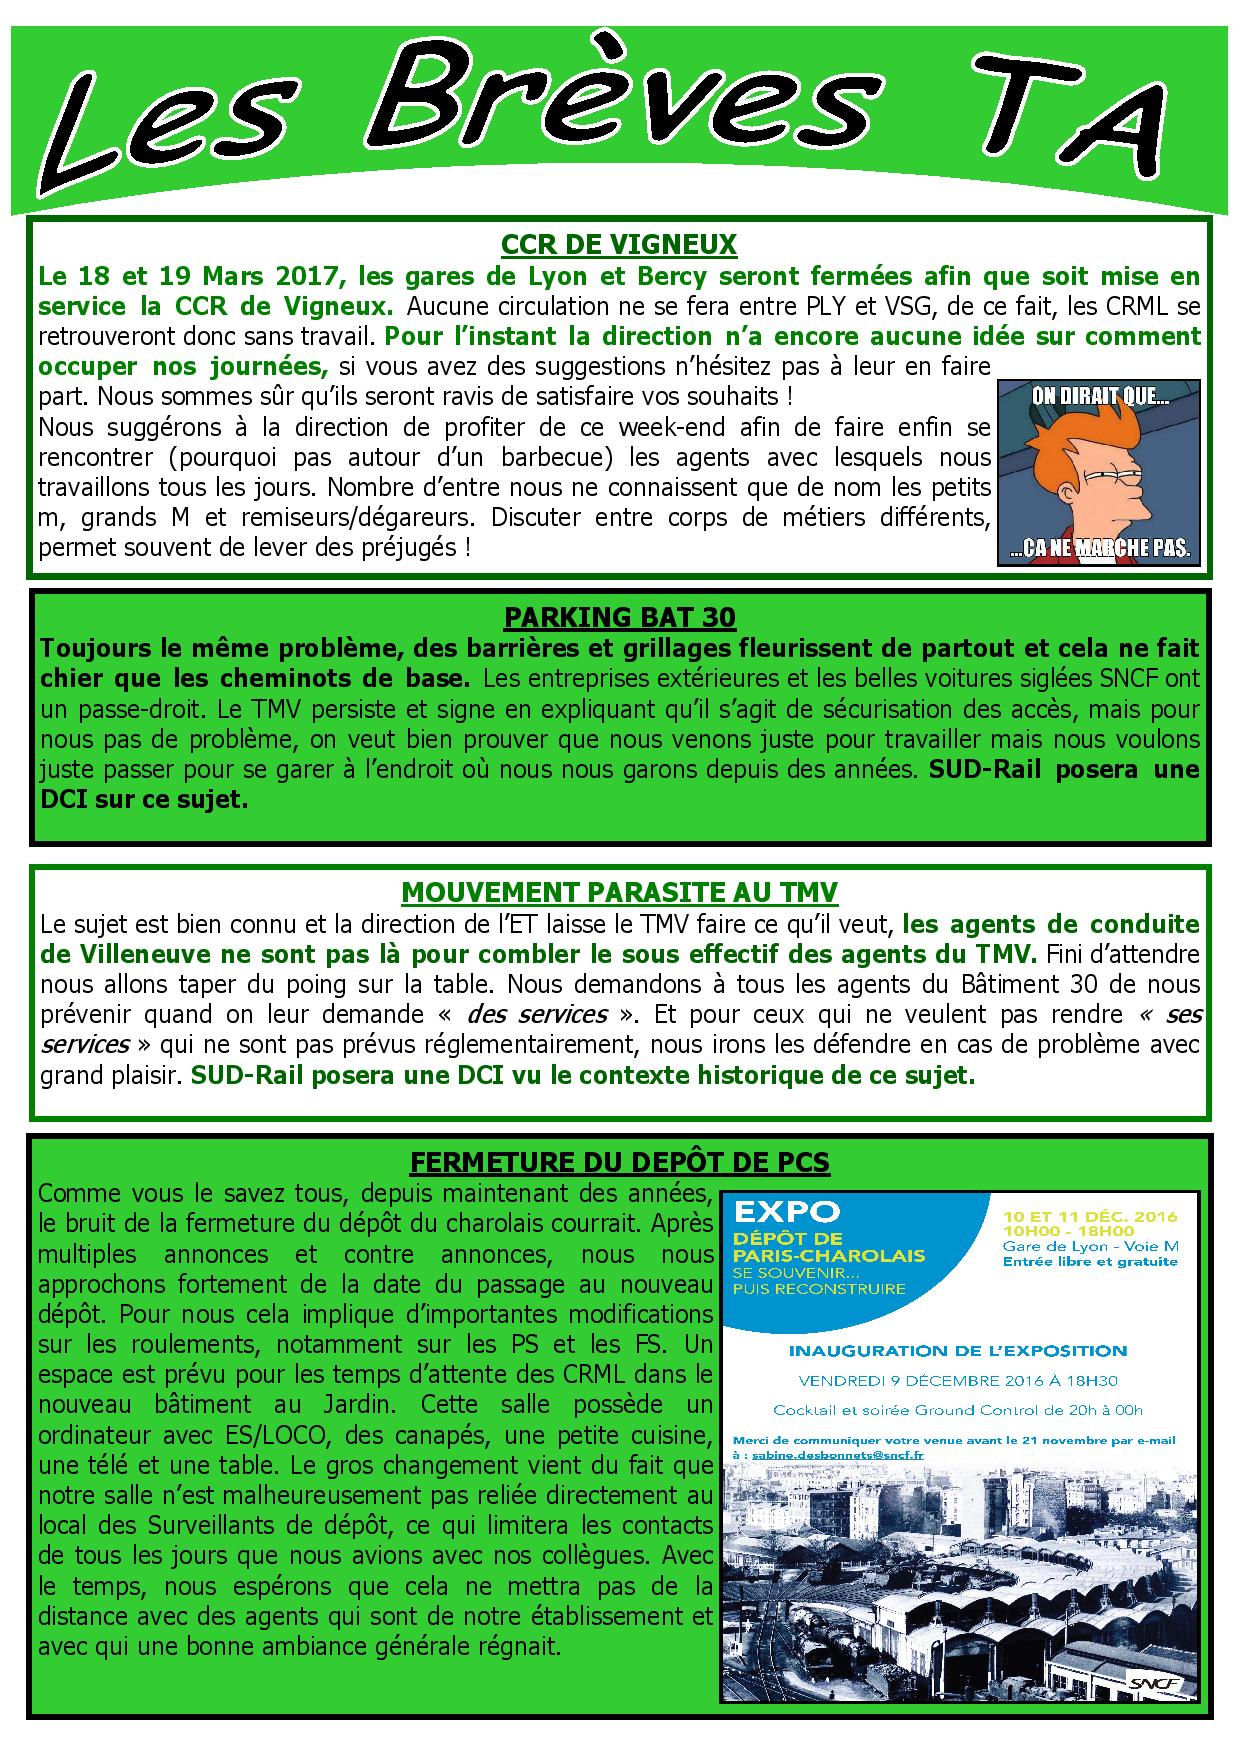 et-pse-crdp-11-2016-page-004